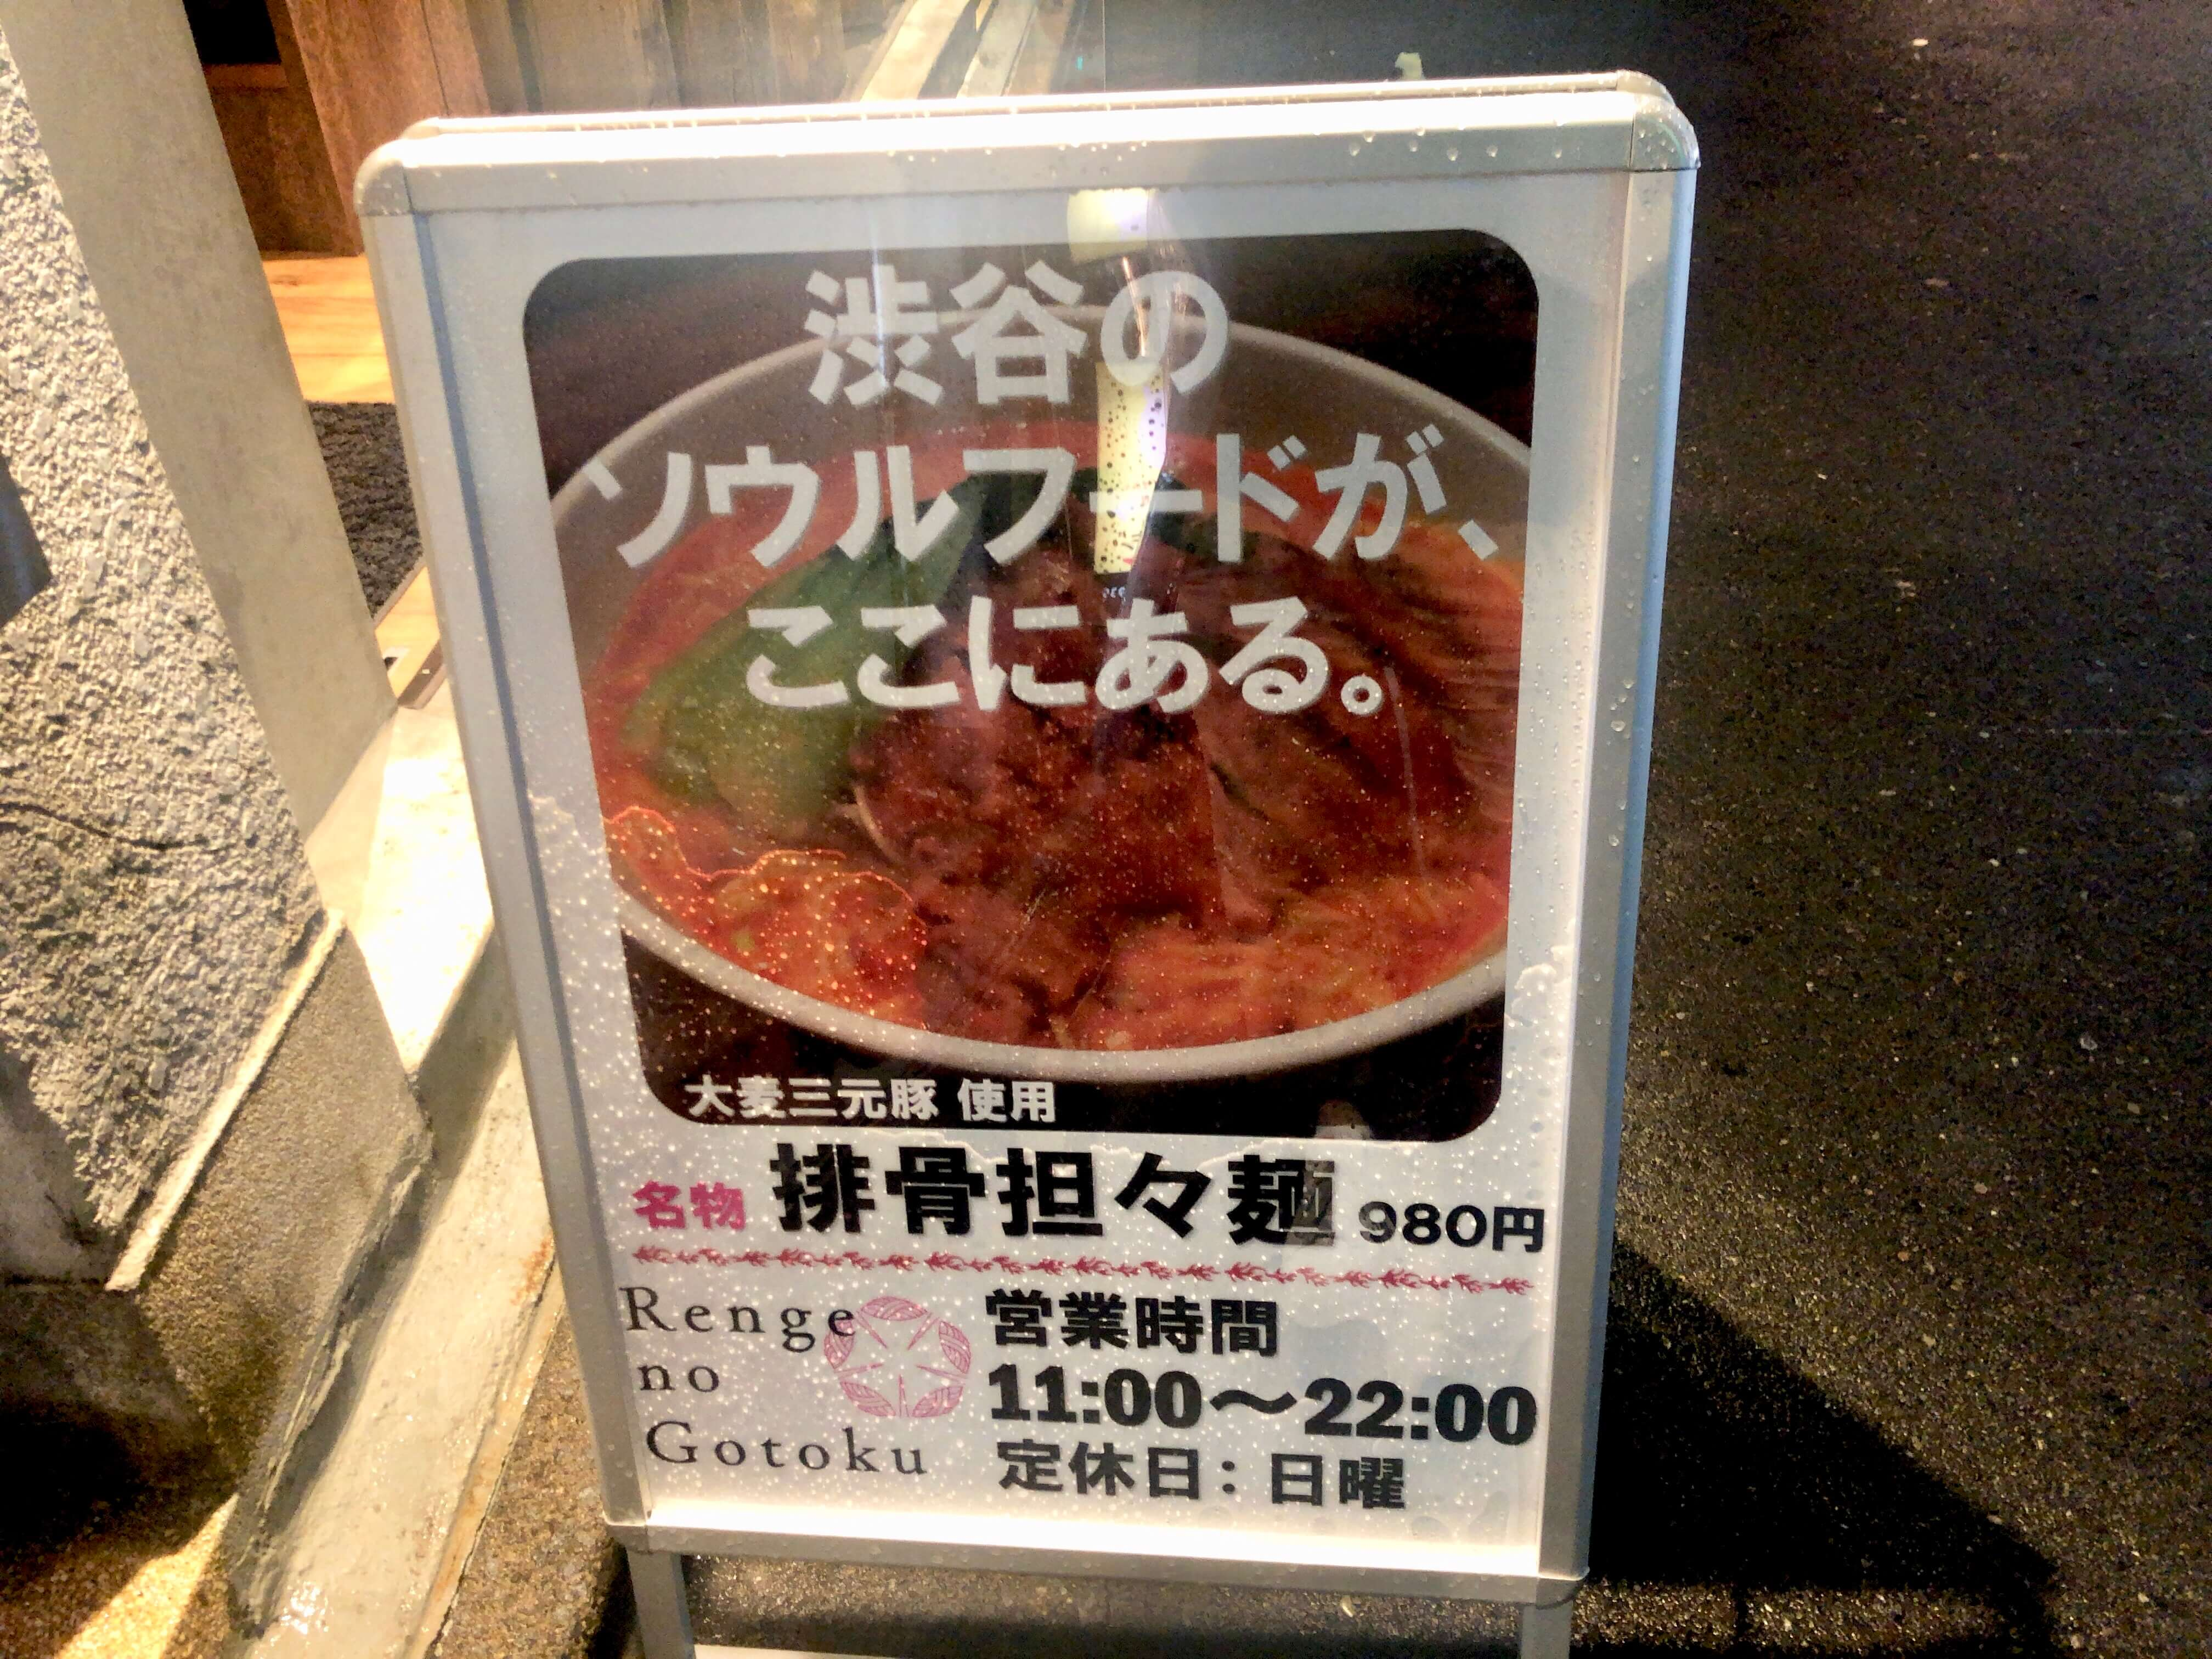 渋谷 担々麺 れんげ の ごとく